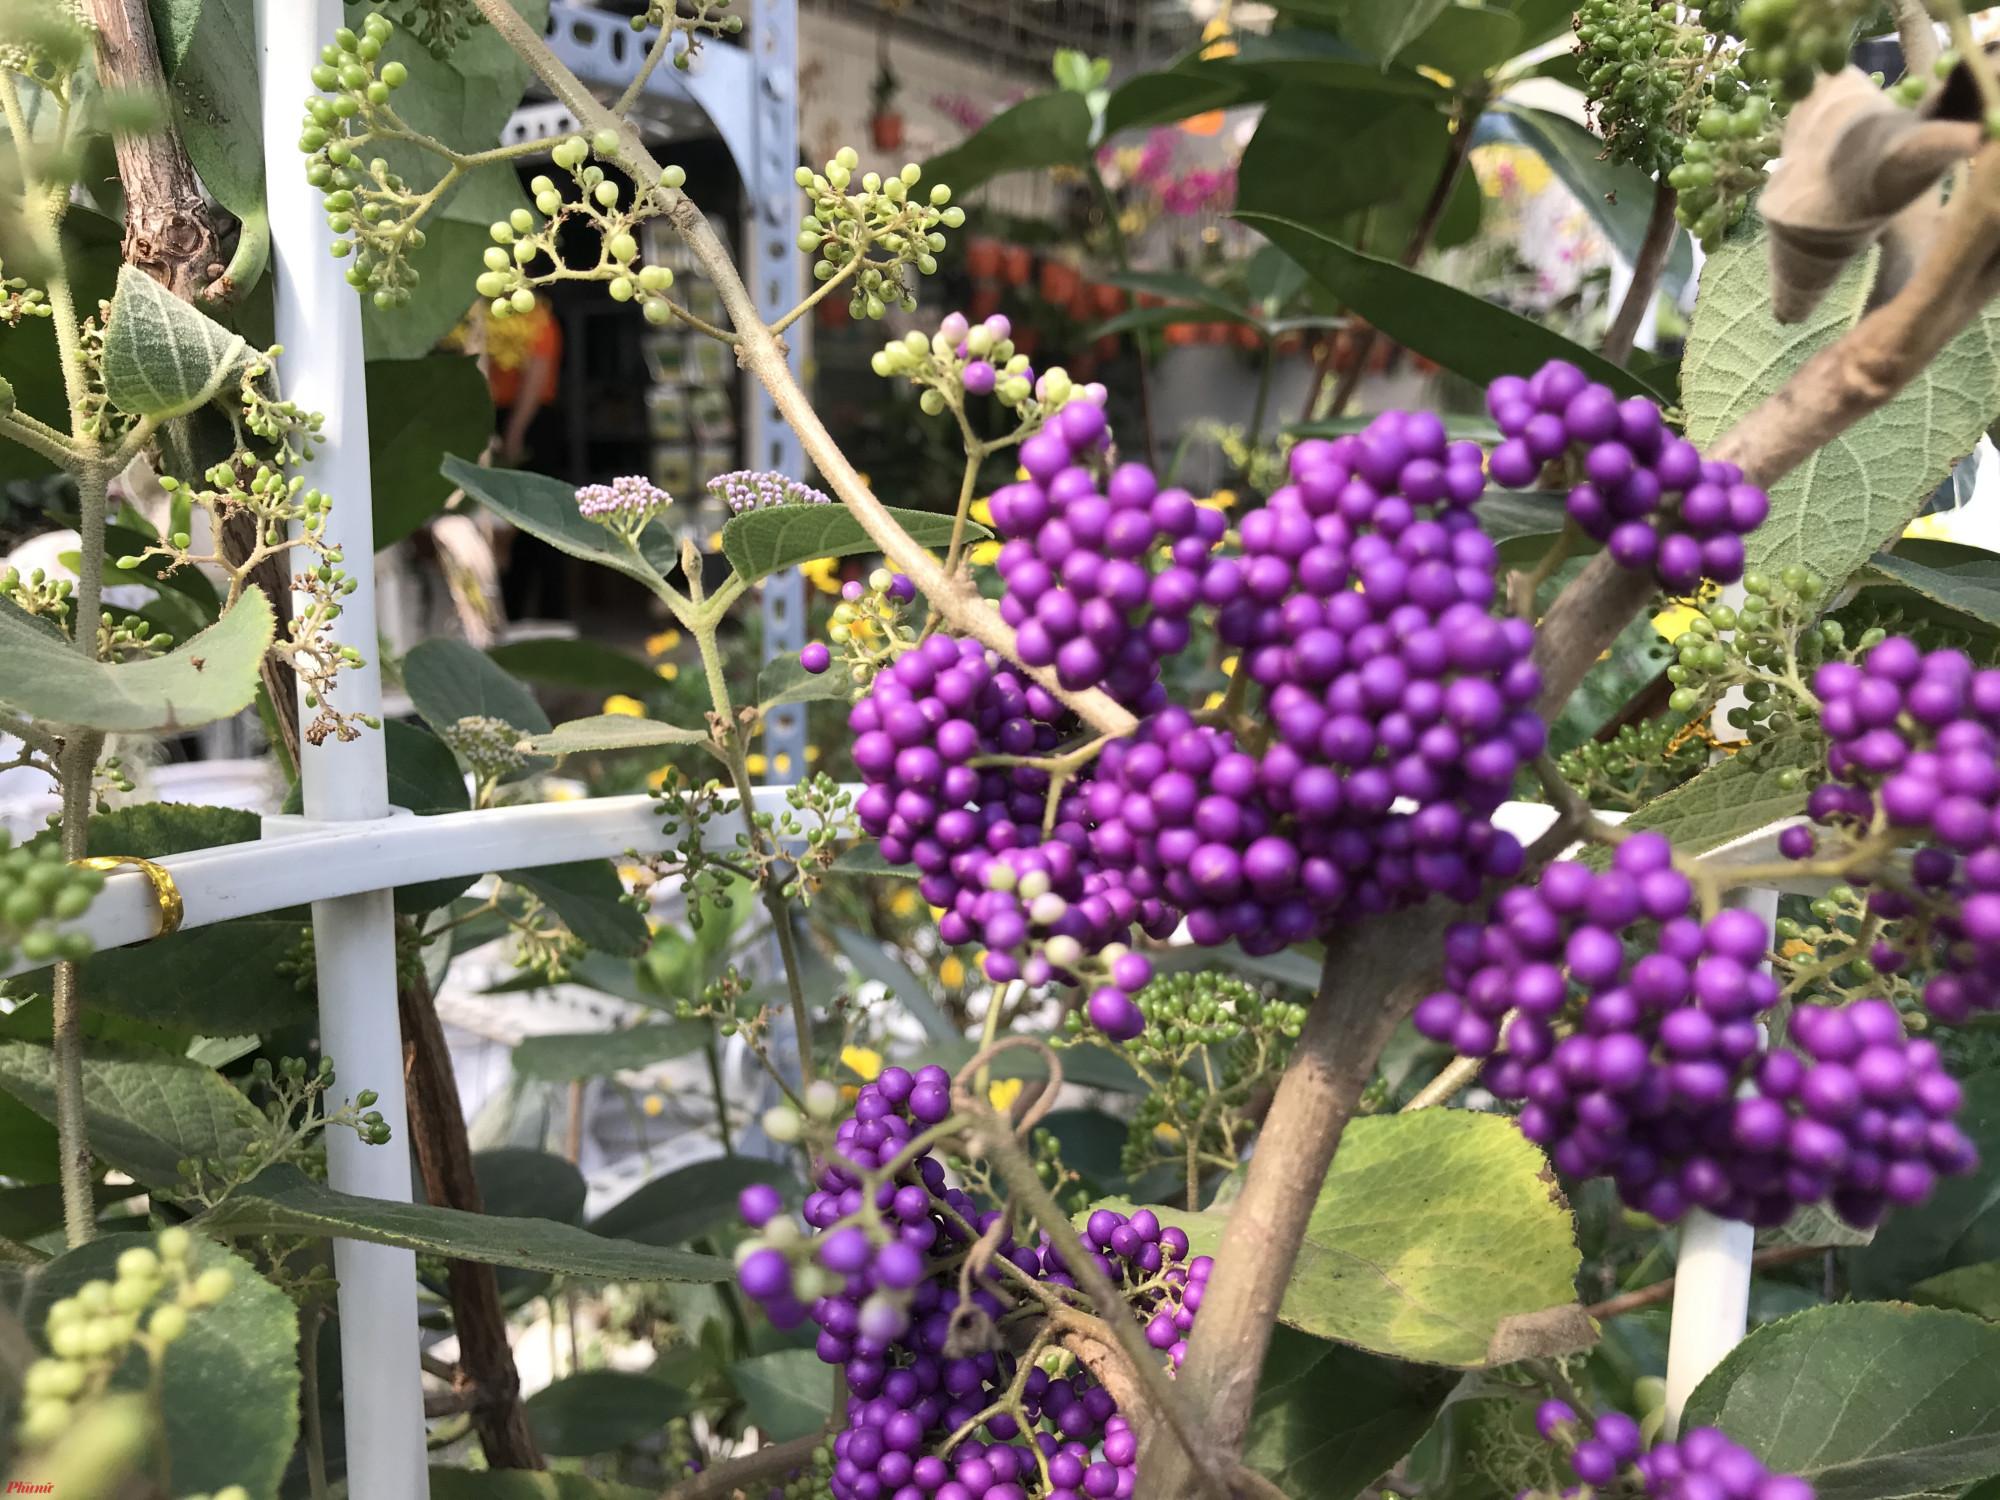 Riêng các loại hoa trong nước, nhiều cửa hàng hoa tại TP.HCM đã tăng cả lượng bán và giá cả từ 30% để đối với một số loại hoa.